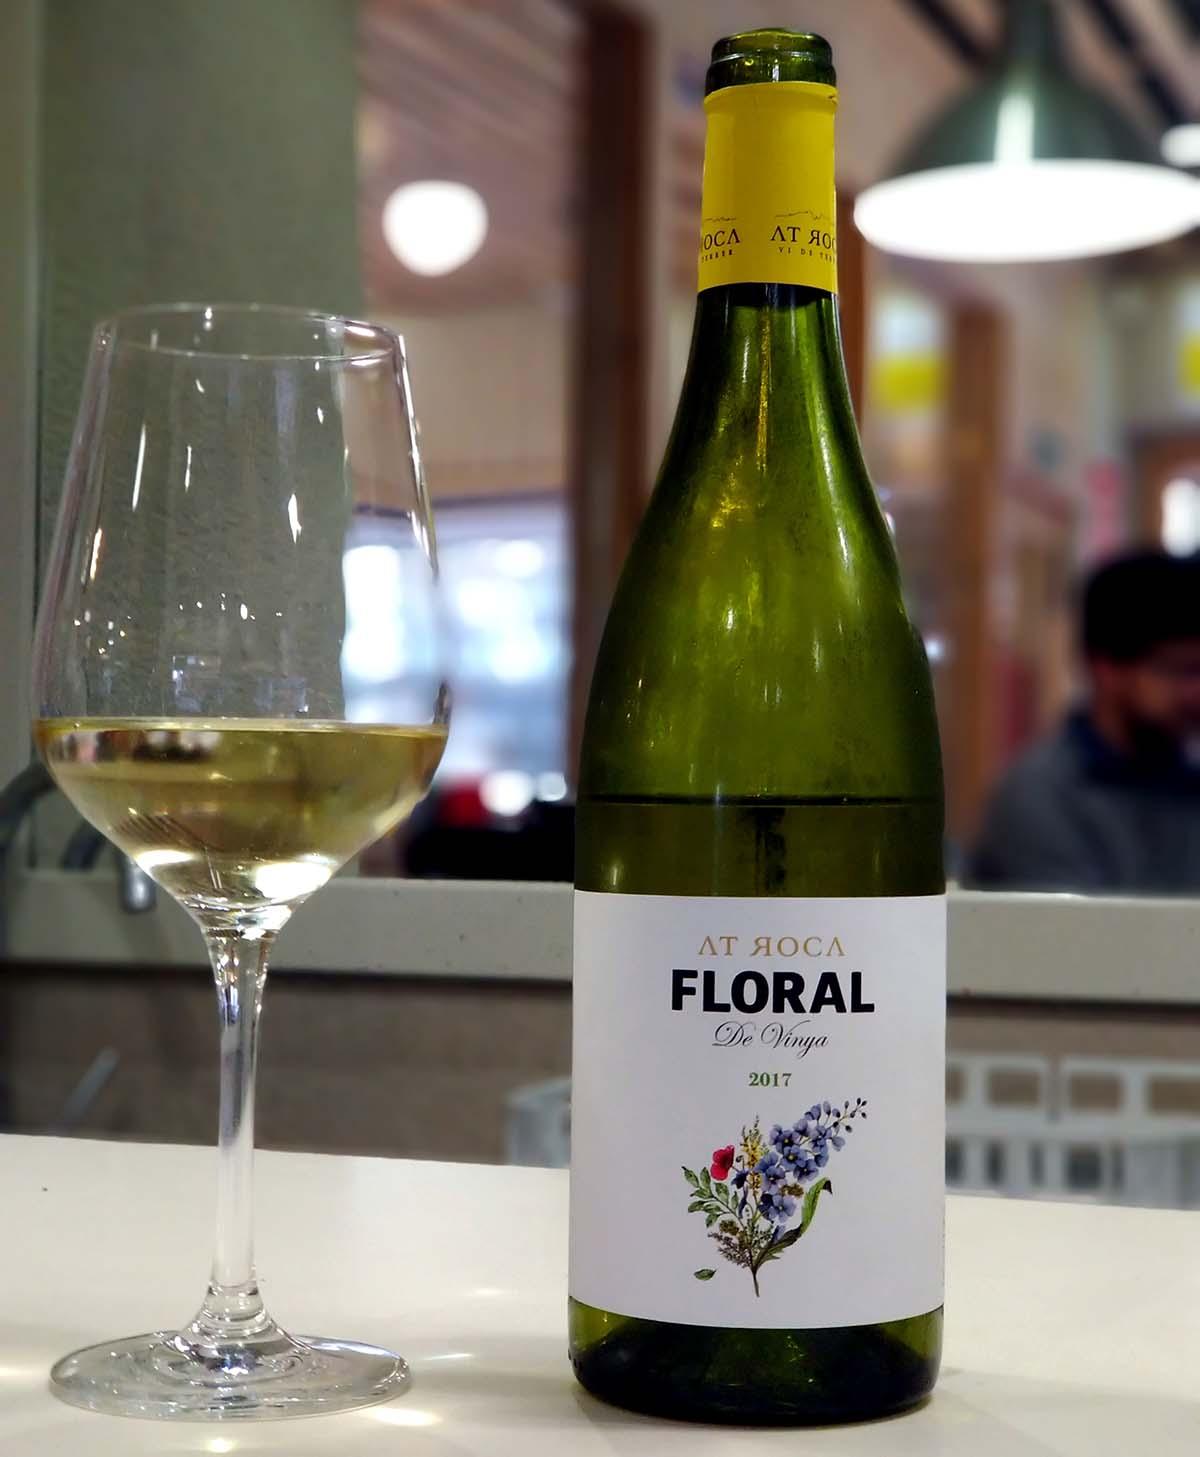 Floral de Vinya2017 AT Roca Penedès